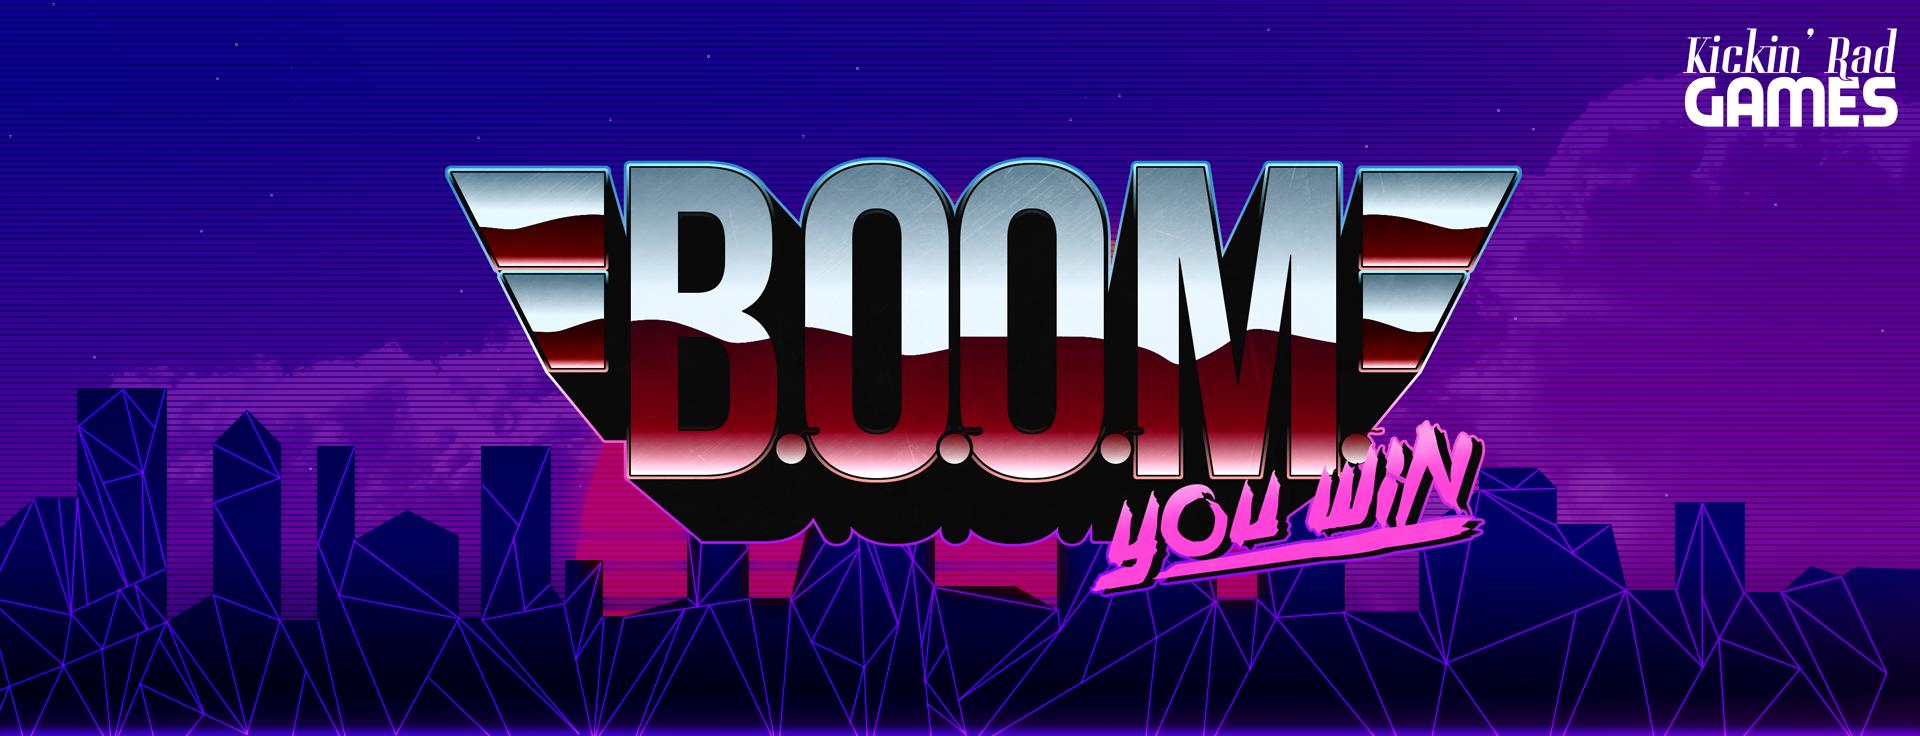 B.O.O.M. - You Win